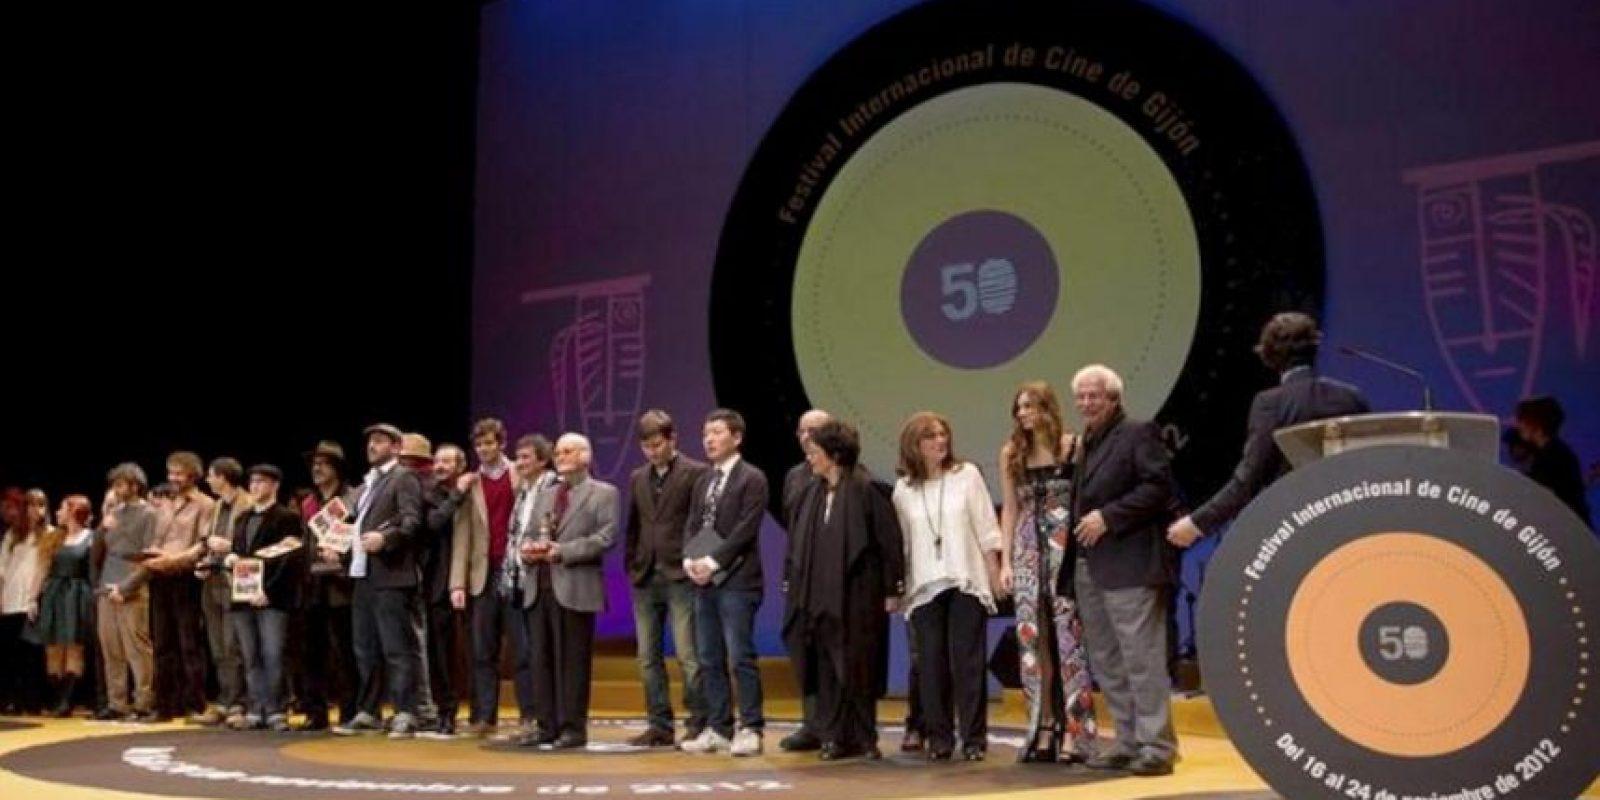 Foto de familia de todos los premiados en la 50 edición del Festival Internacional de Cine de Gijón, que se celebró en el teatro de la Universidad Laboral de la ciudad asturiana. EFE